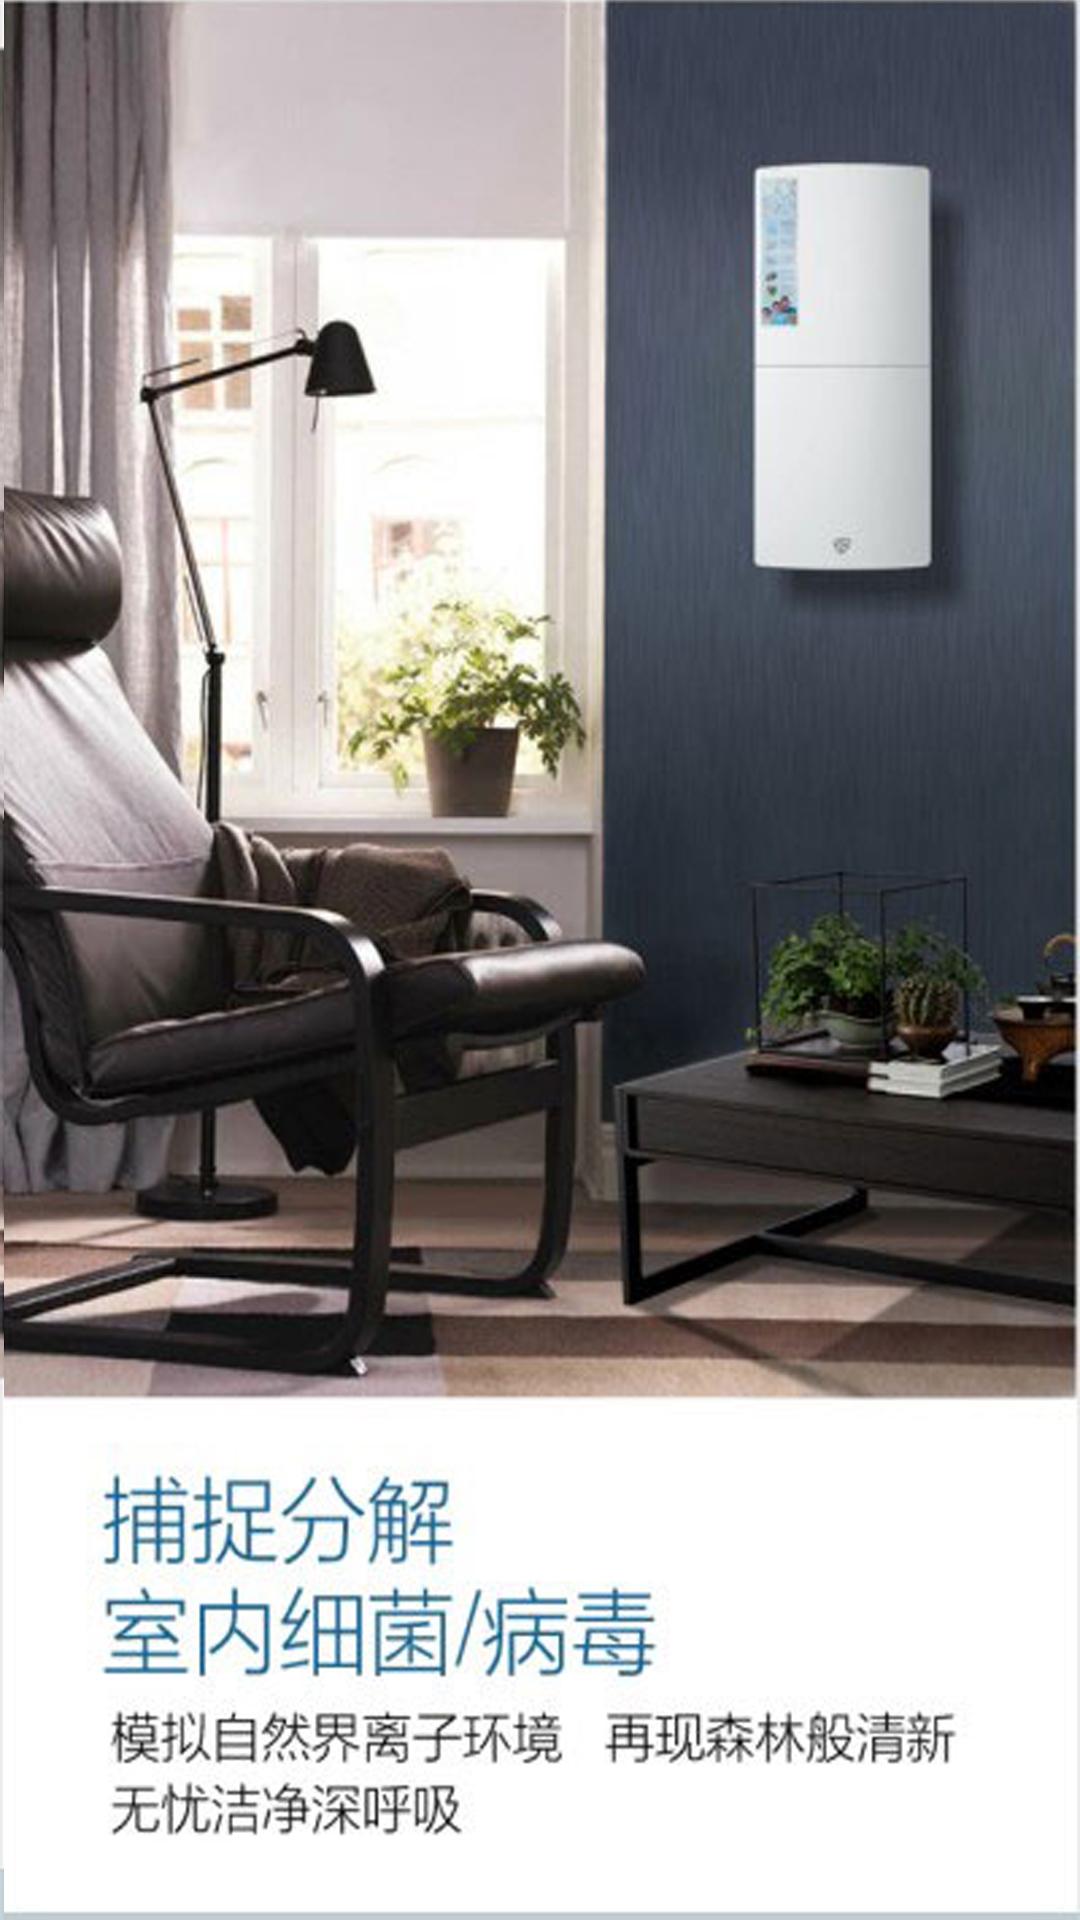 3级产品-诺克斯新风1080×1920-9副本.jpg